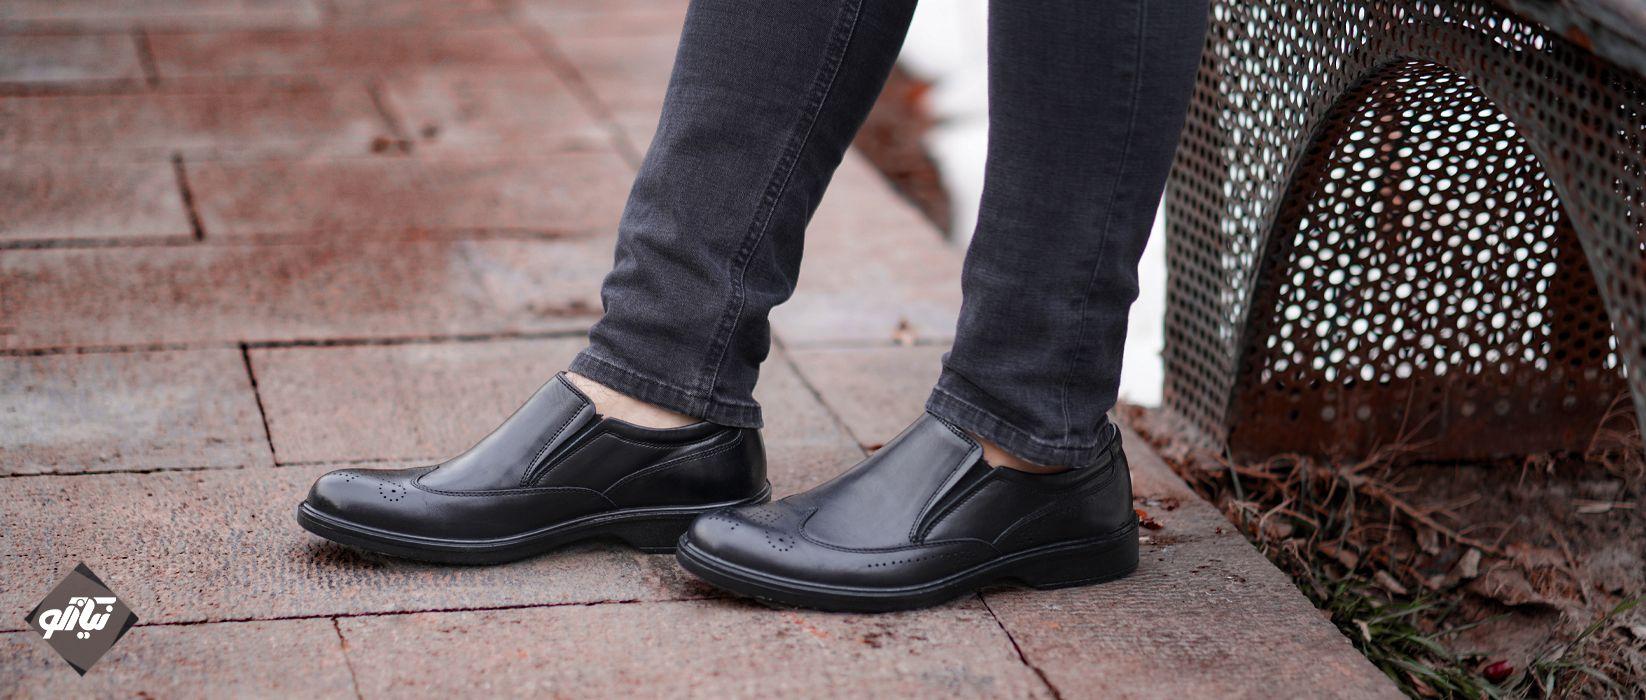 قیمت کفش کلاسیک مردانه همگام